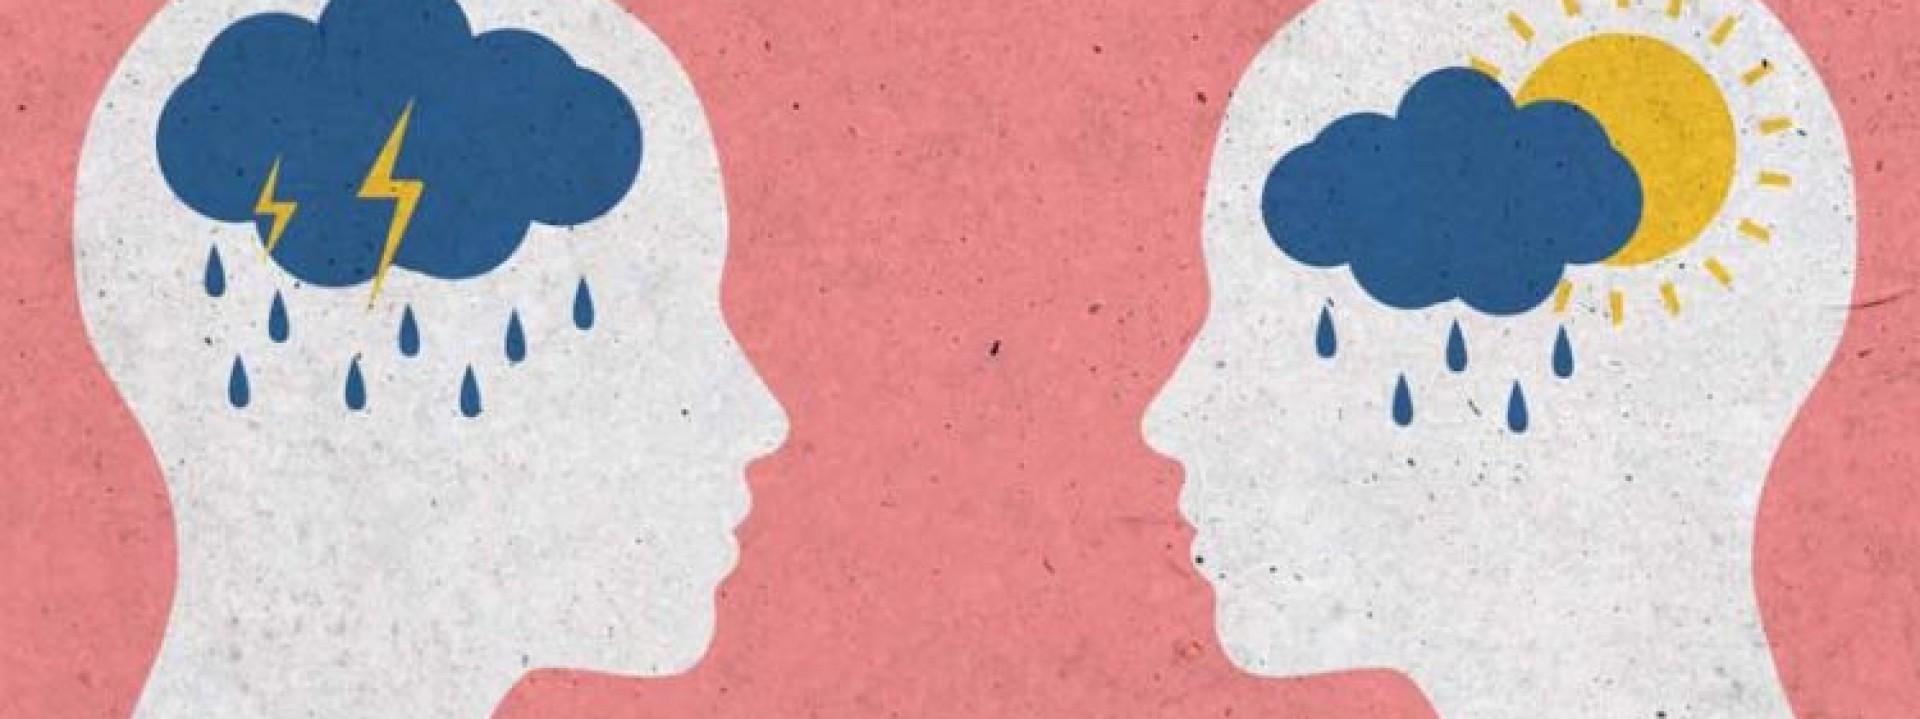 A experiência Awe: como se beneficiar das emoções em um mundo cada vez mais tecnológico